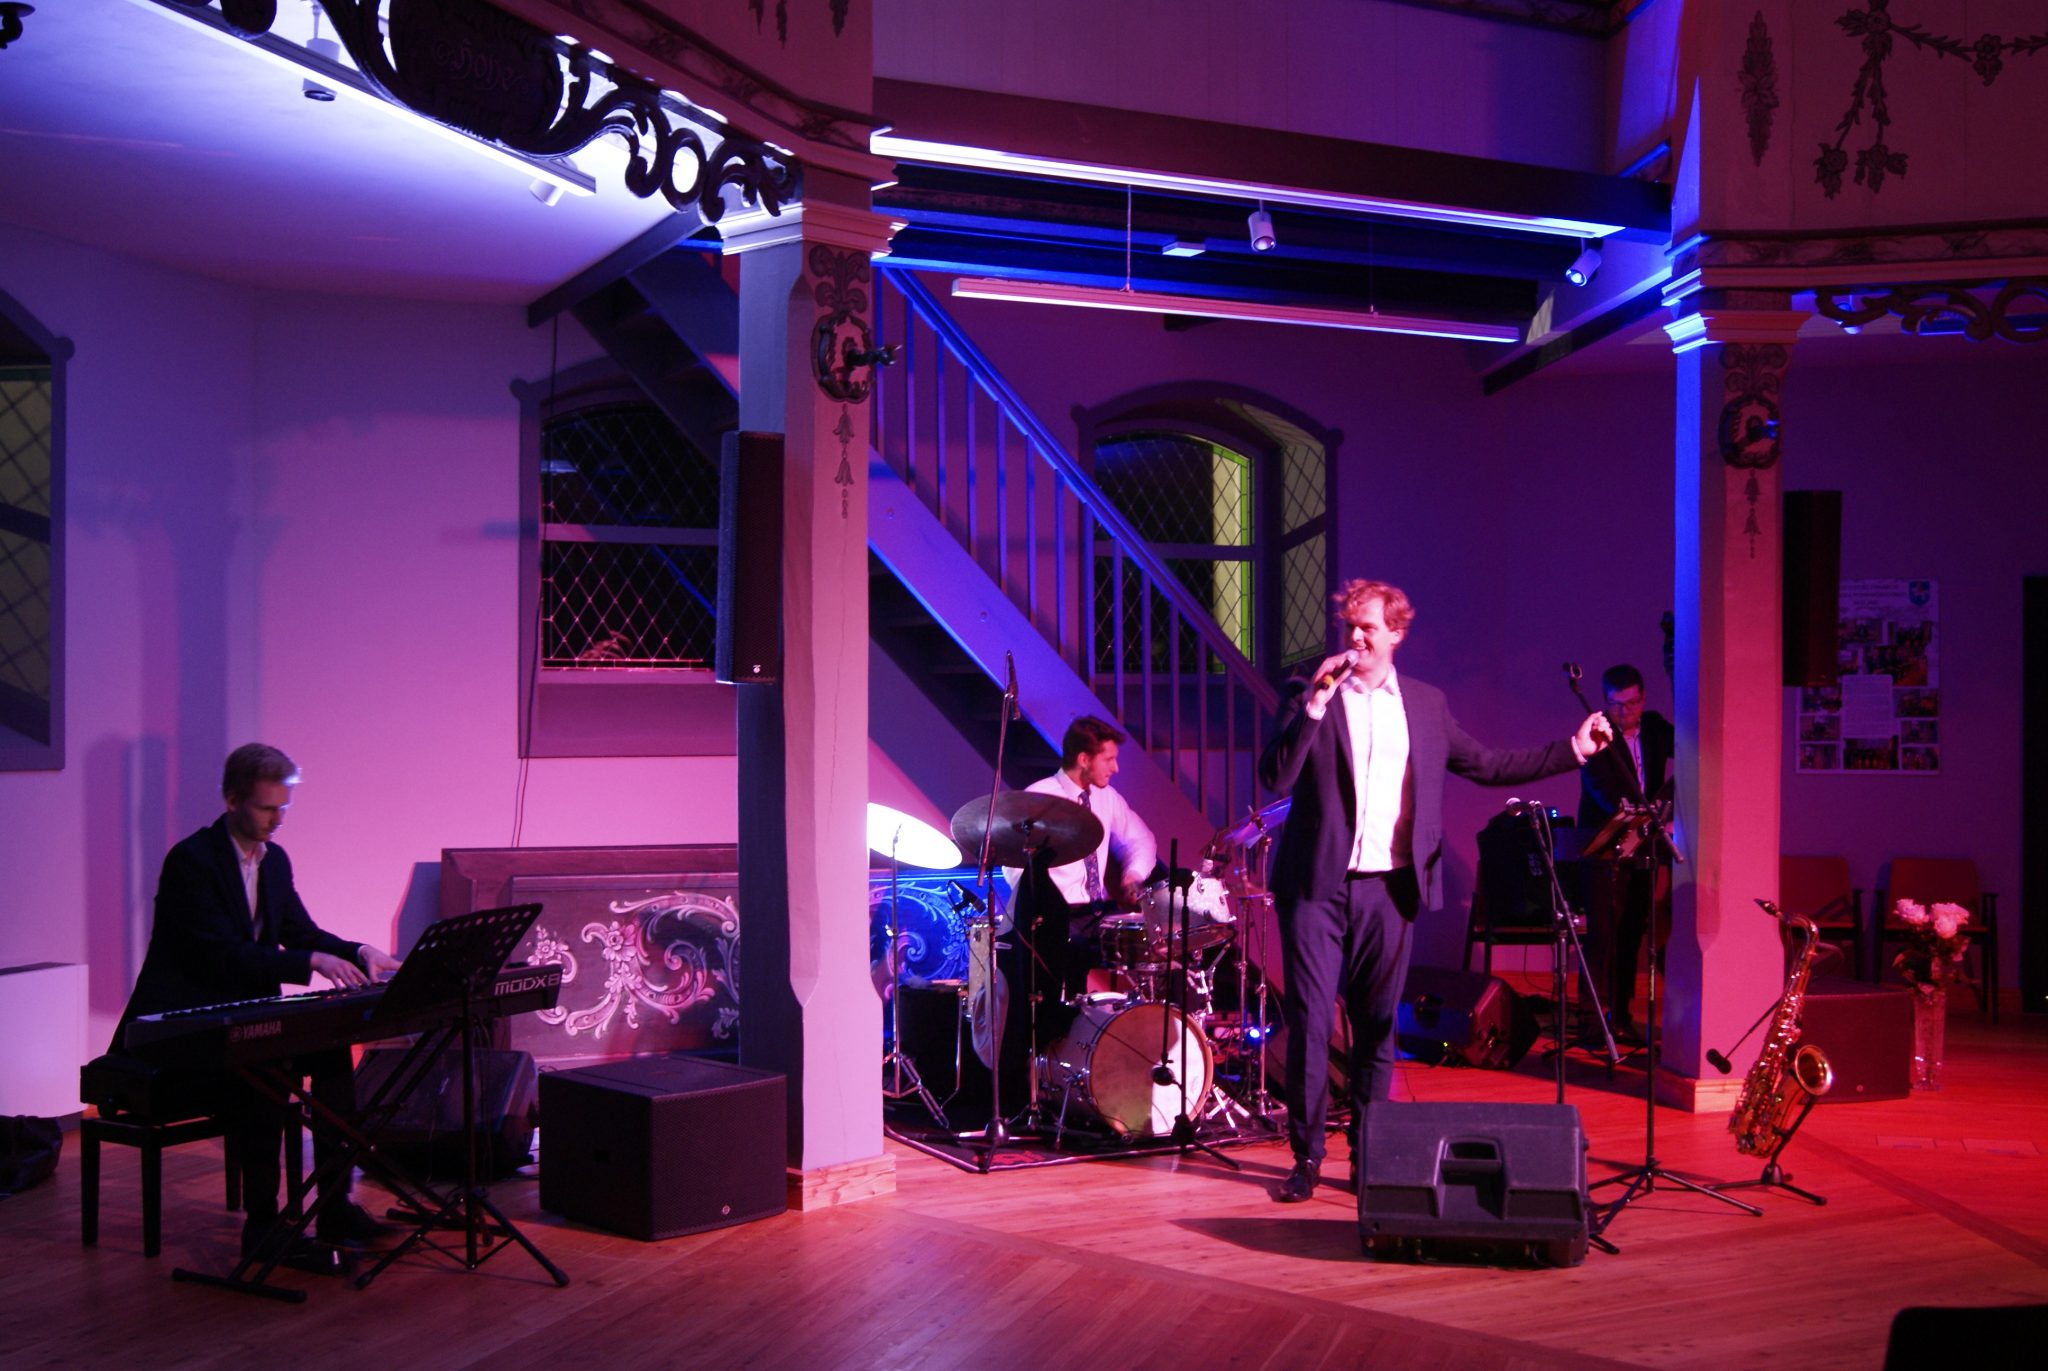 Muzycy kwartetu jazzowego w trakcie występu